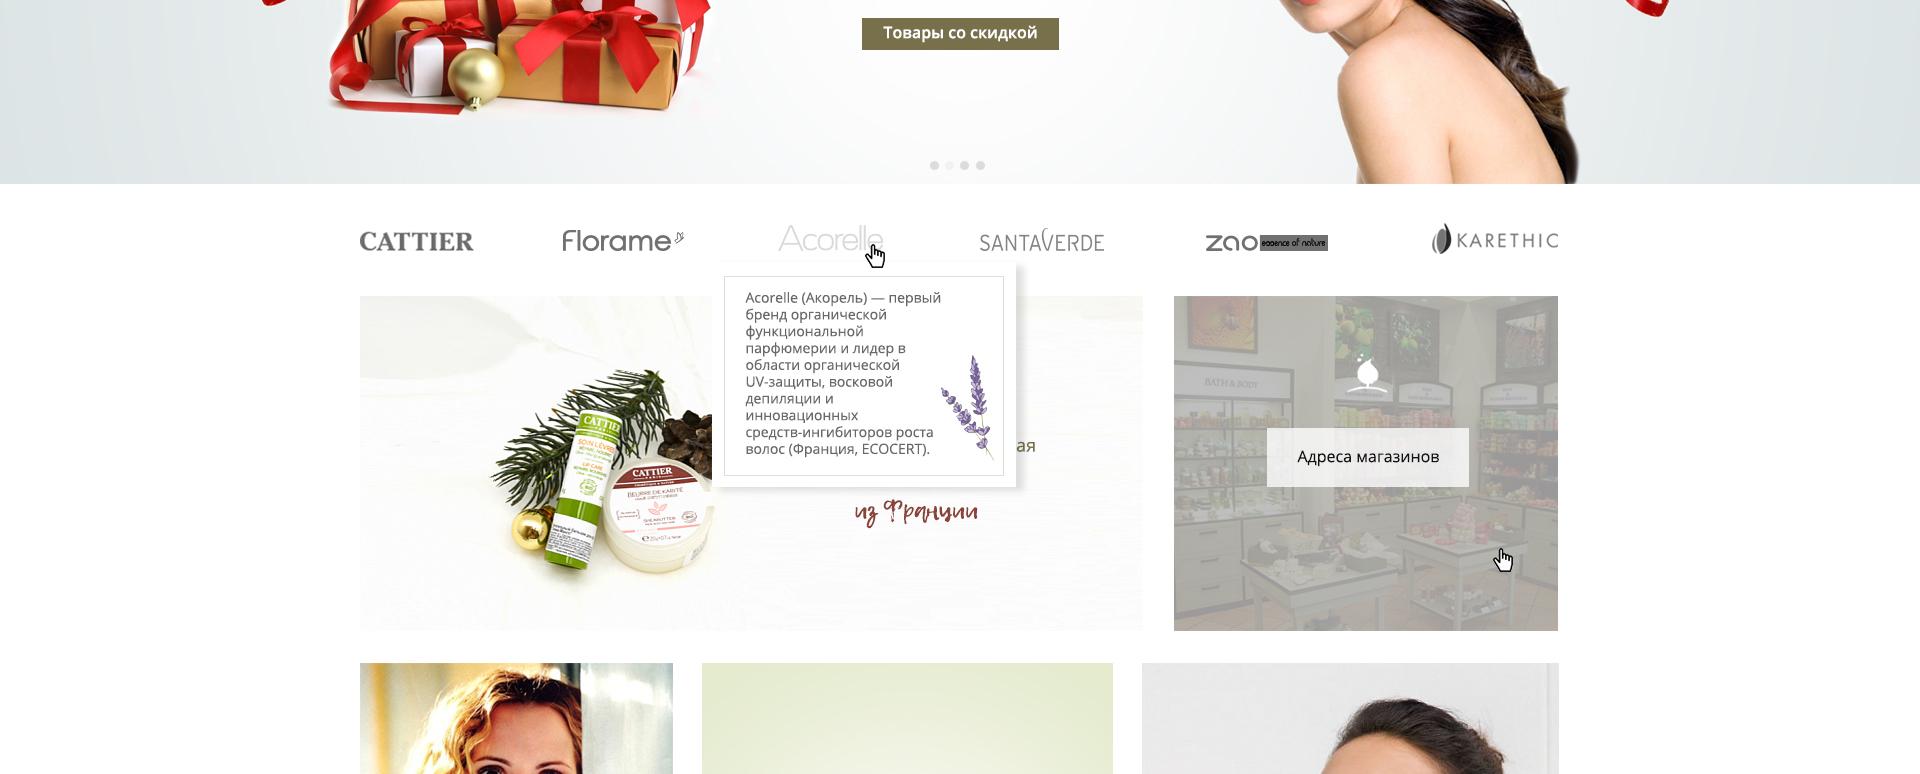 Дизайнер или графический художник для создания дизайна сайта фото f_87758752f706950b.jpg